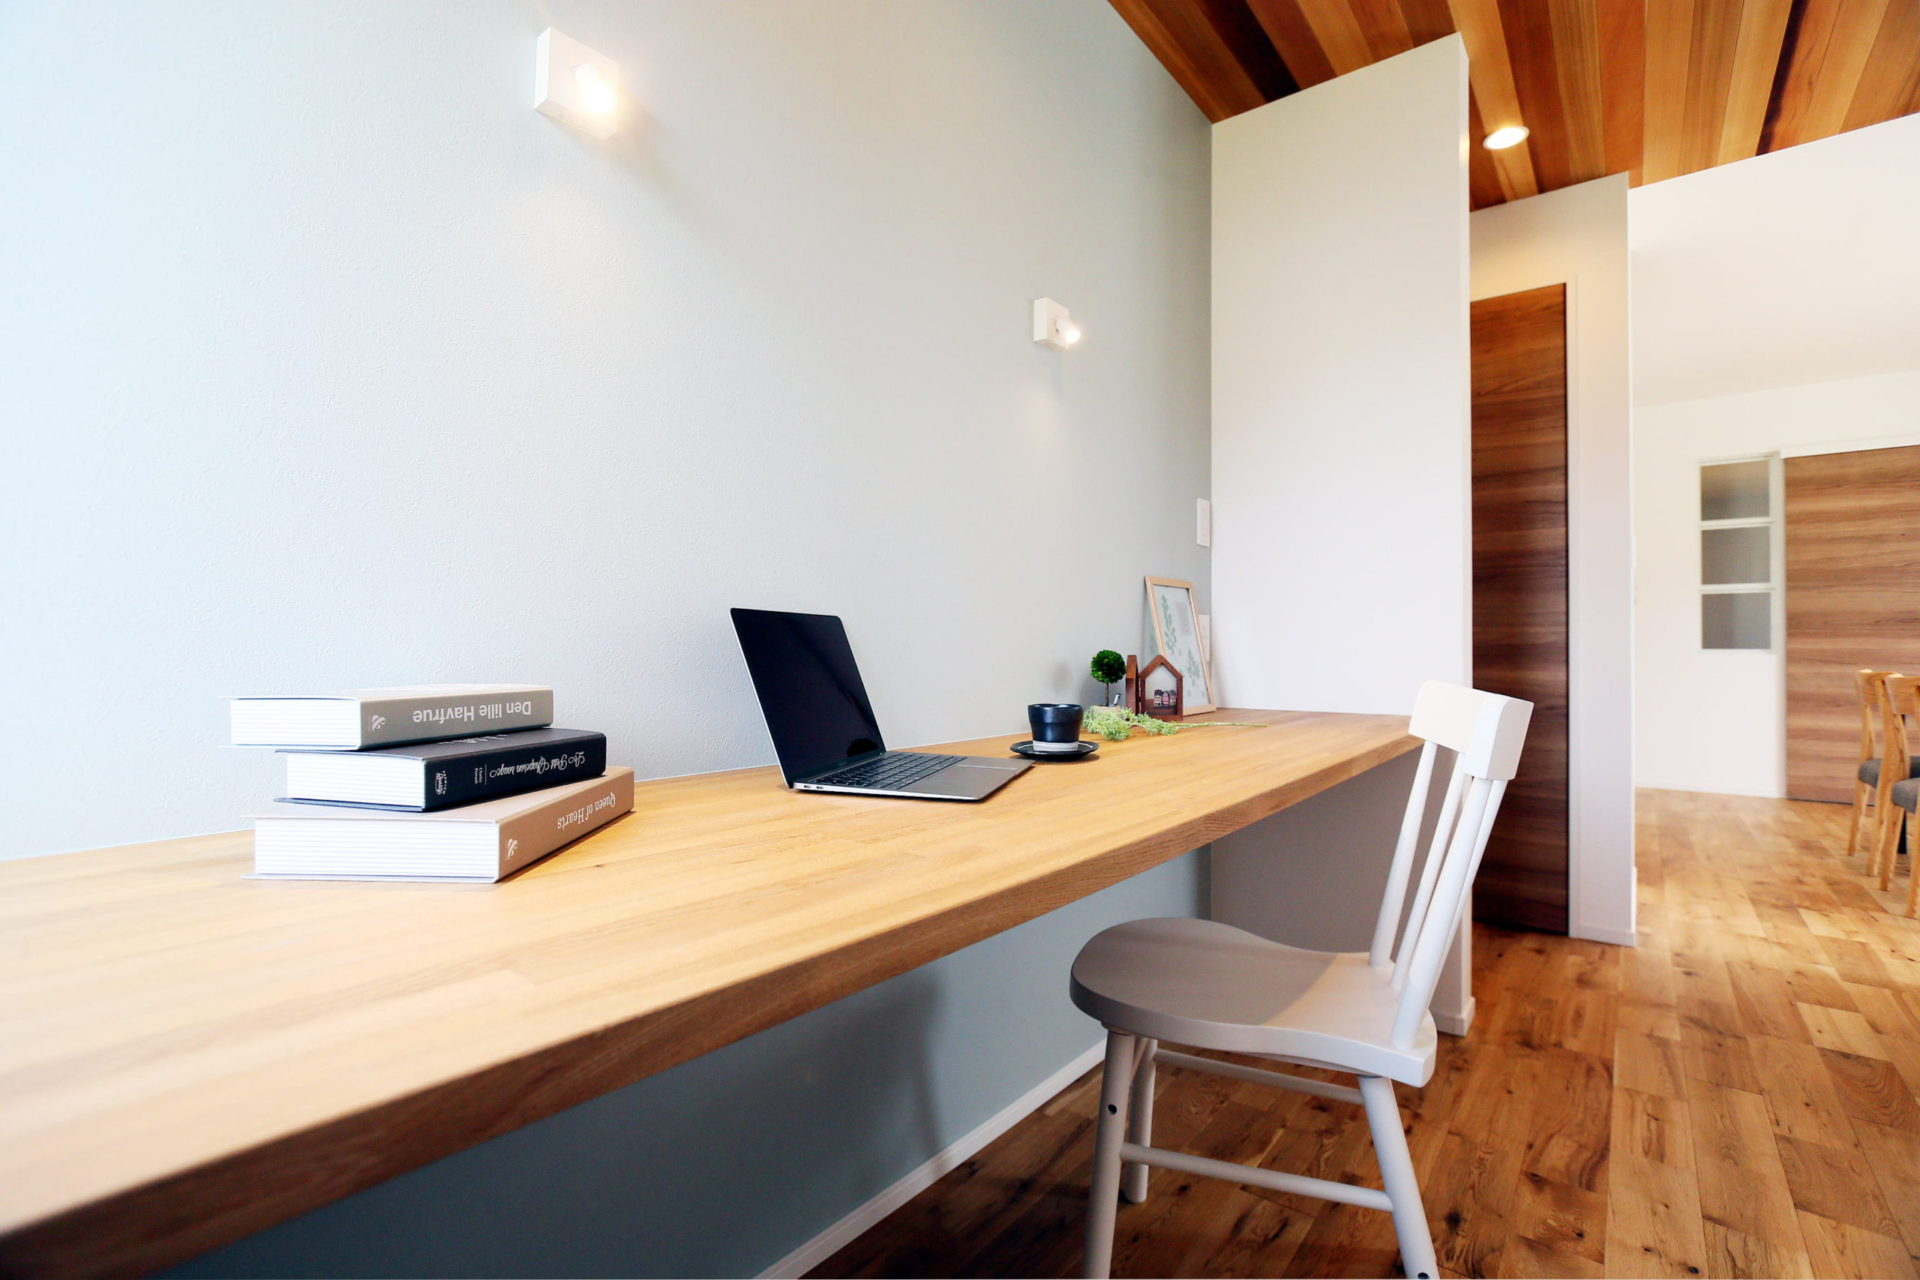 豊かな自然に映える 白い外壁の須坂市の家7